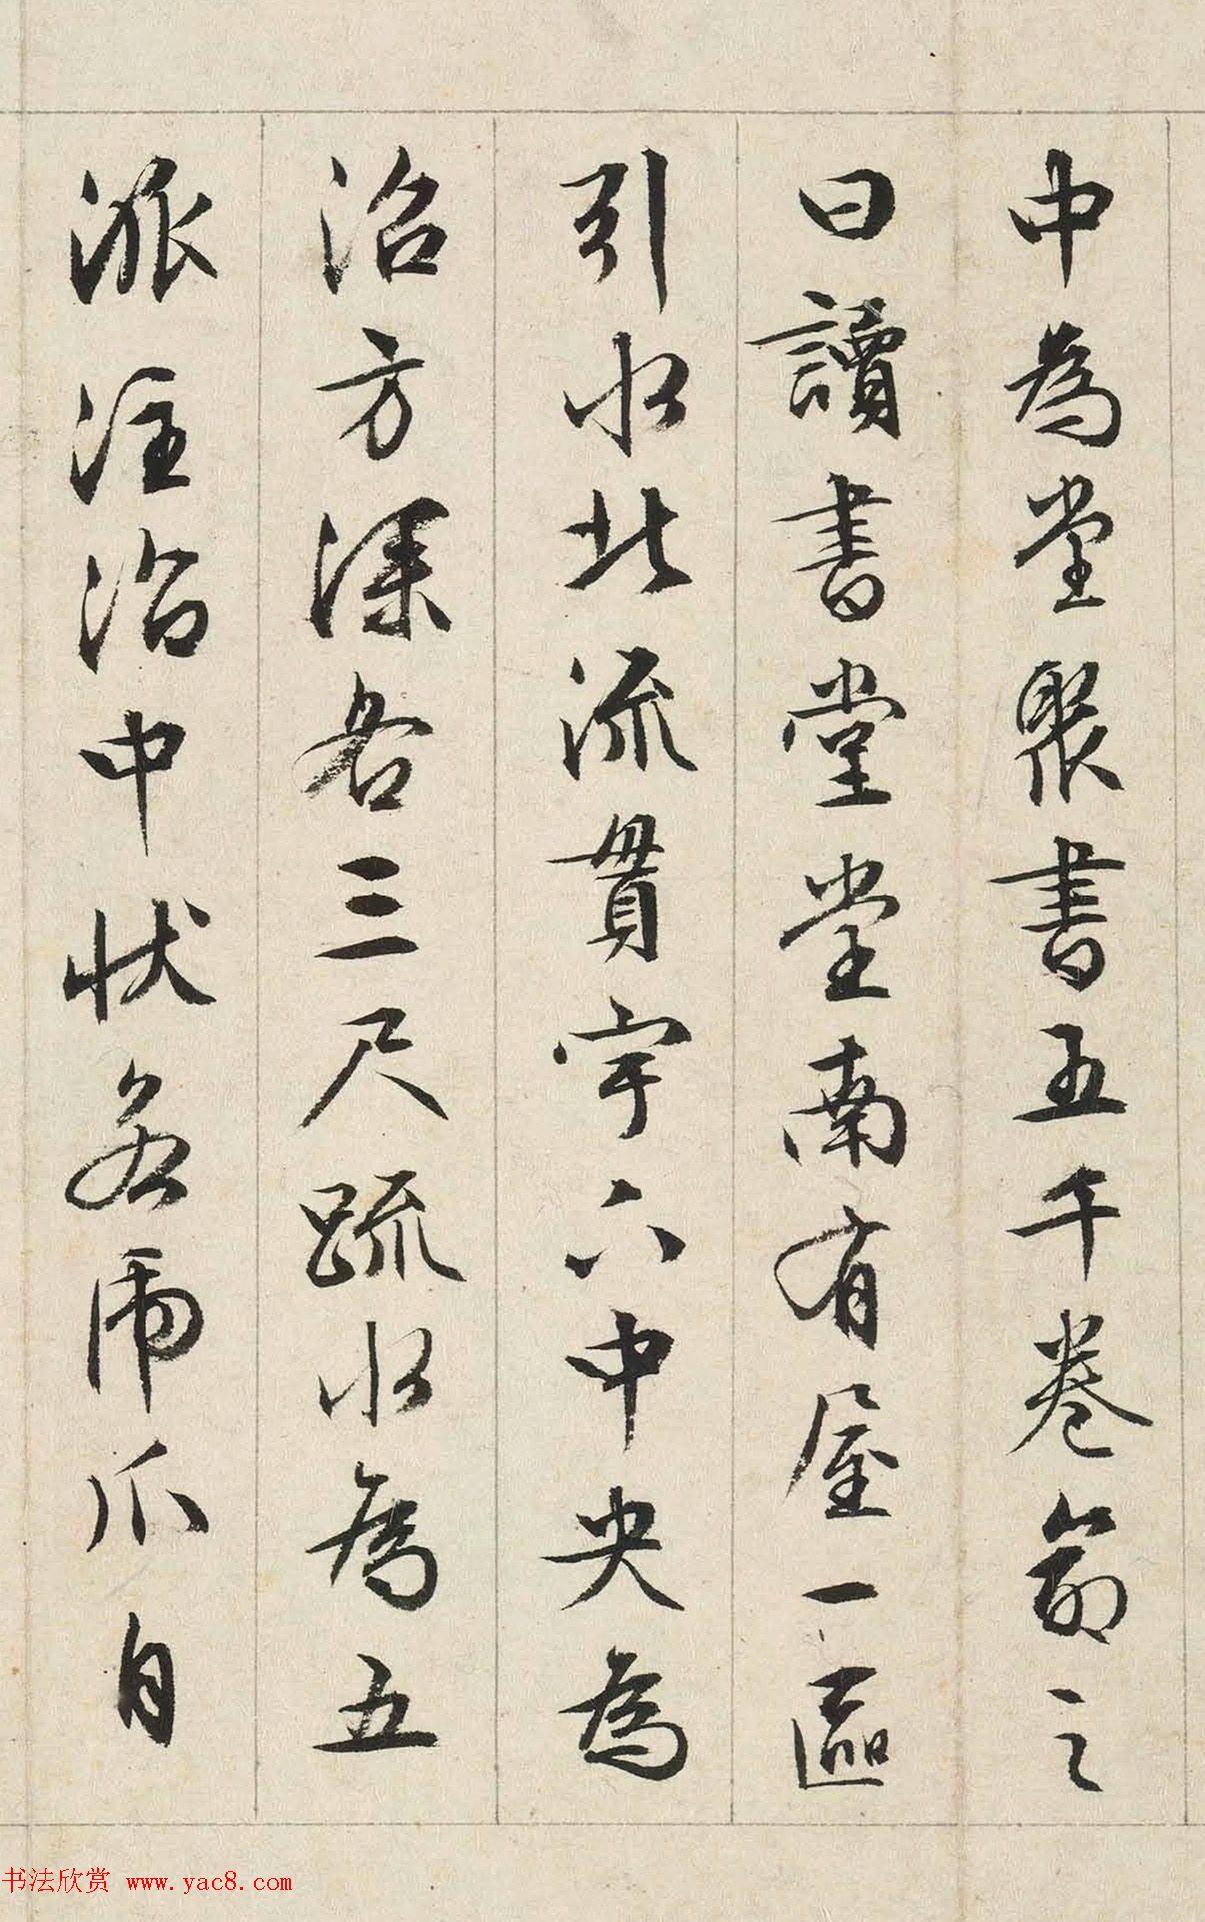 文徵明书司马光《独乐园记》美国藏本